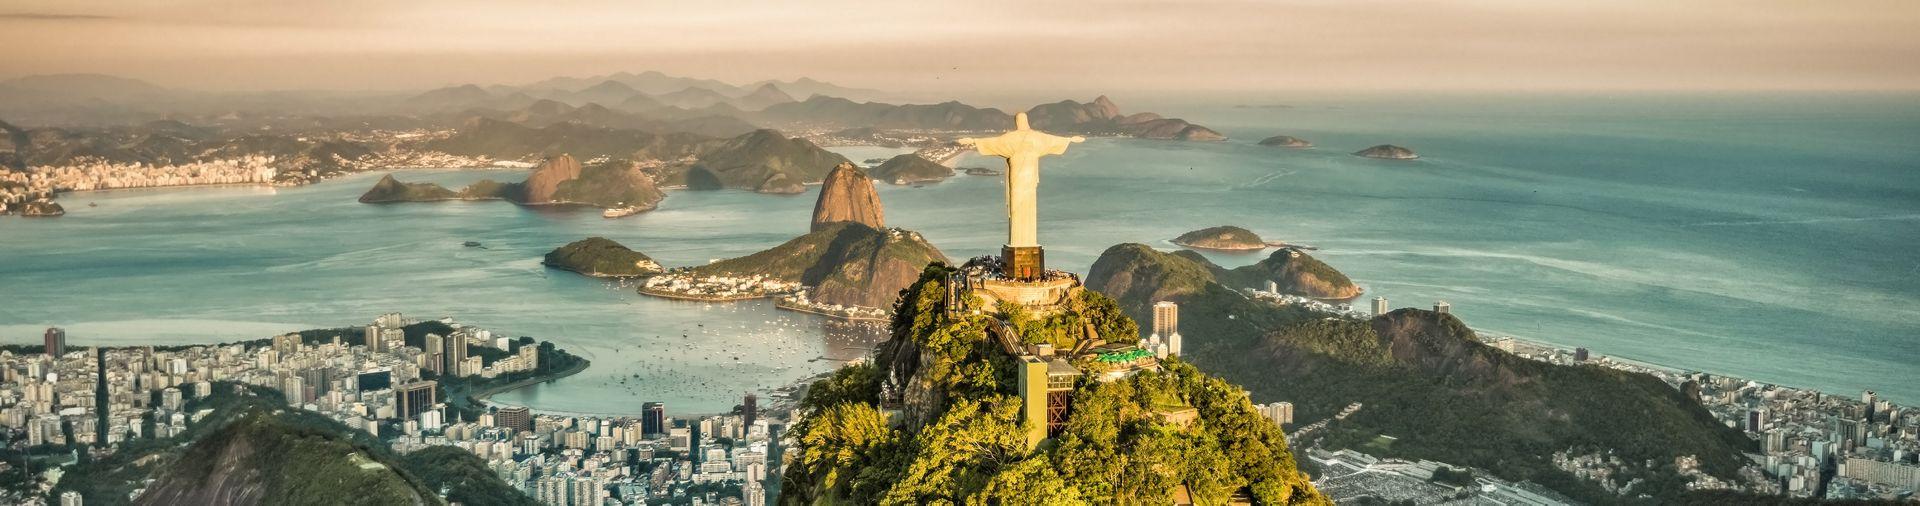 Silversea South America Luxury Cruise - Rio de Janeiro